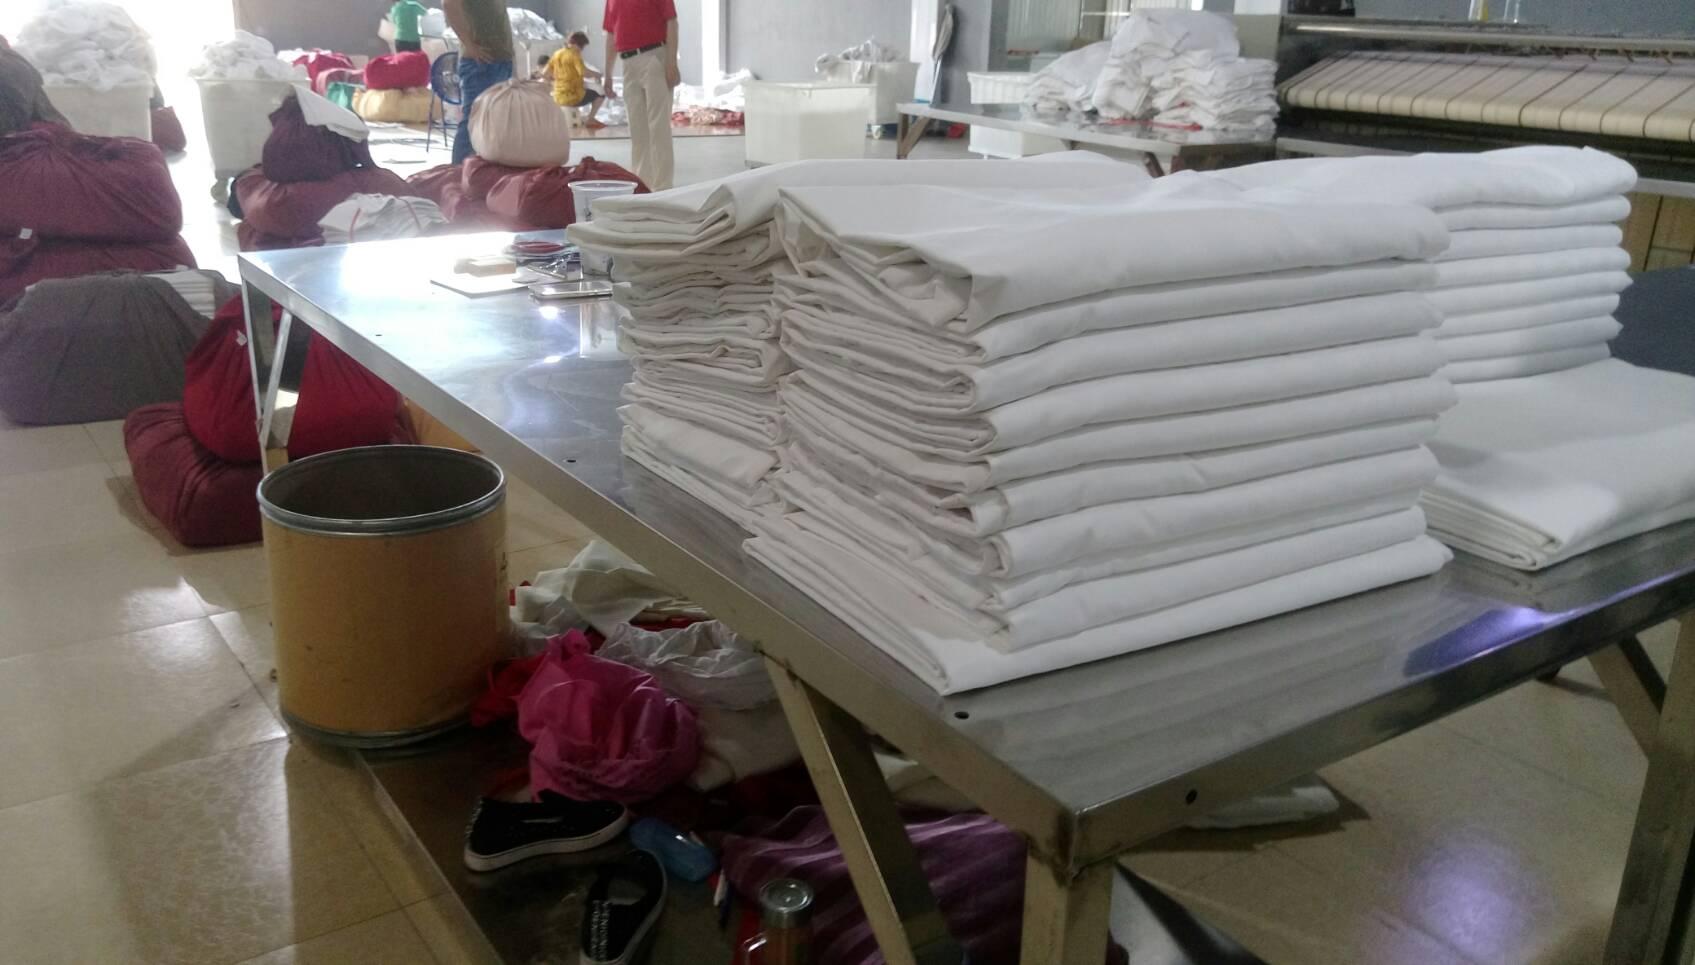 毛巾經毛巾折疊機之堆疊後.jpg